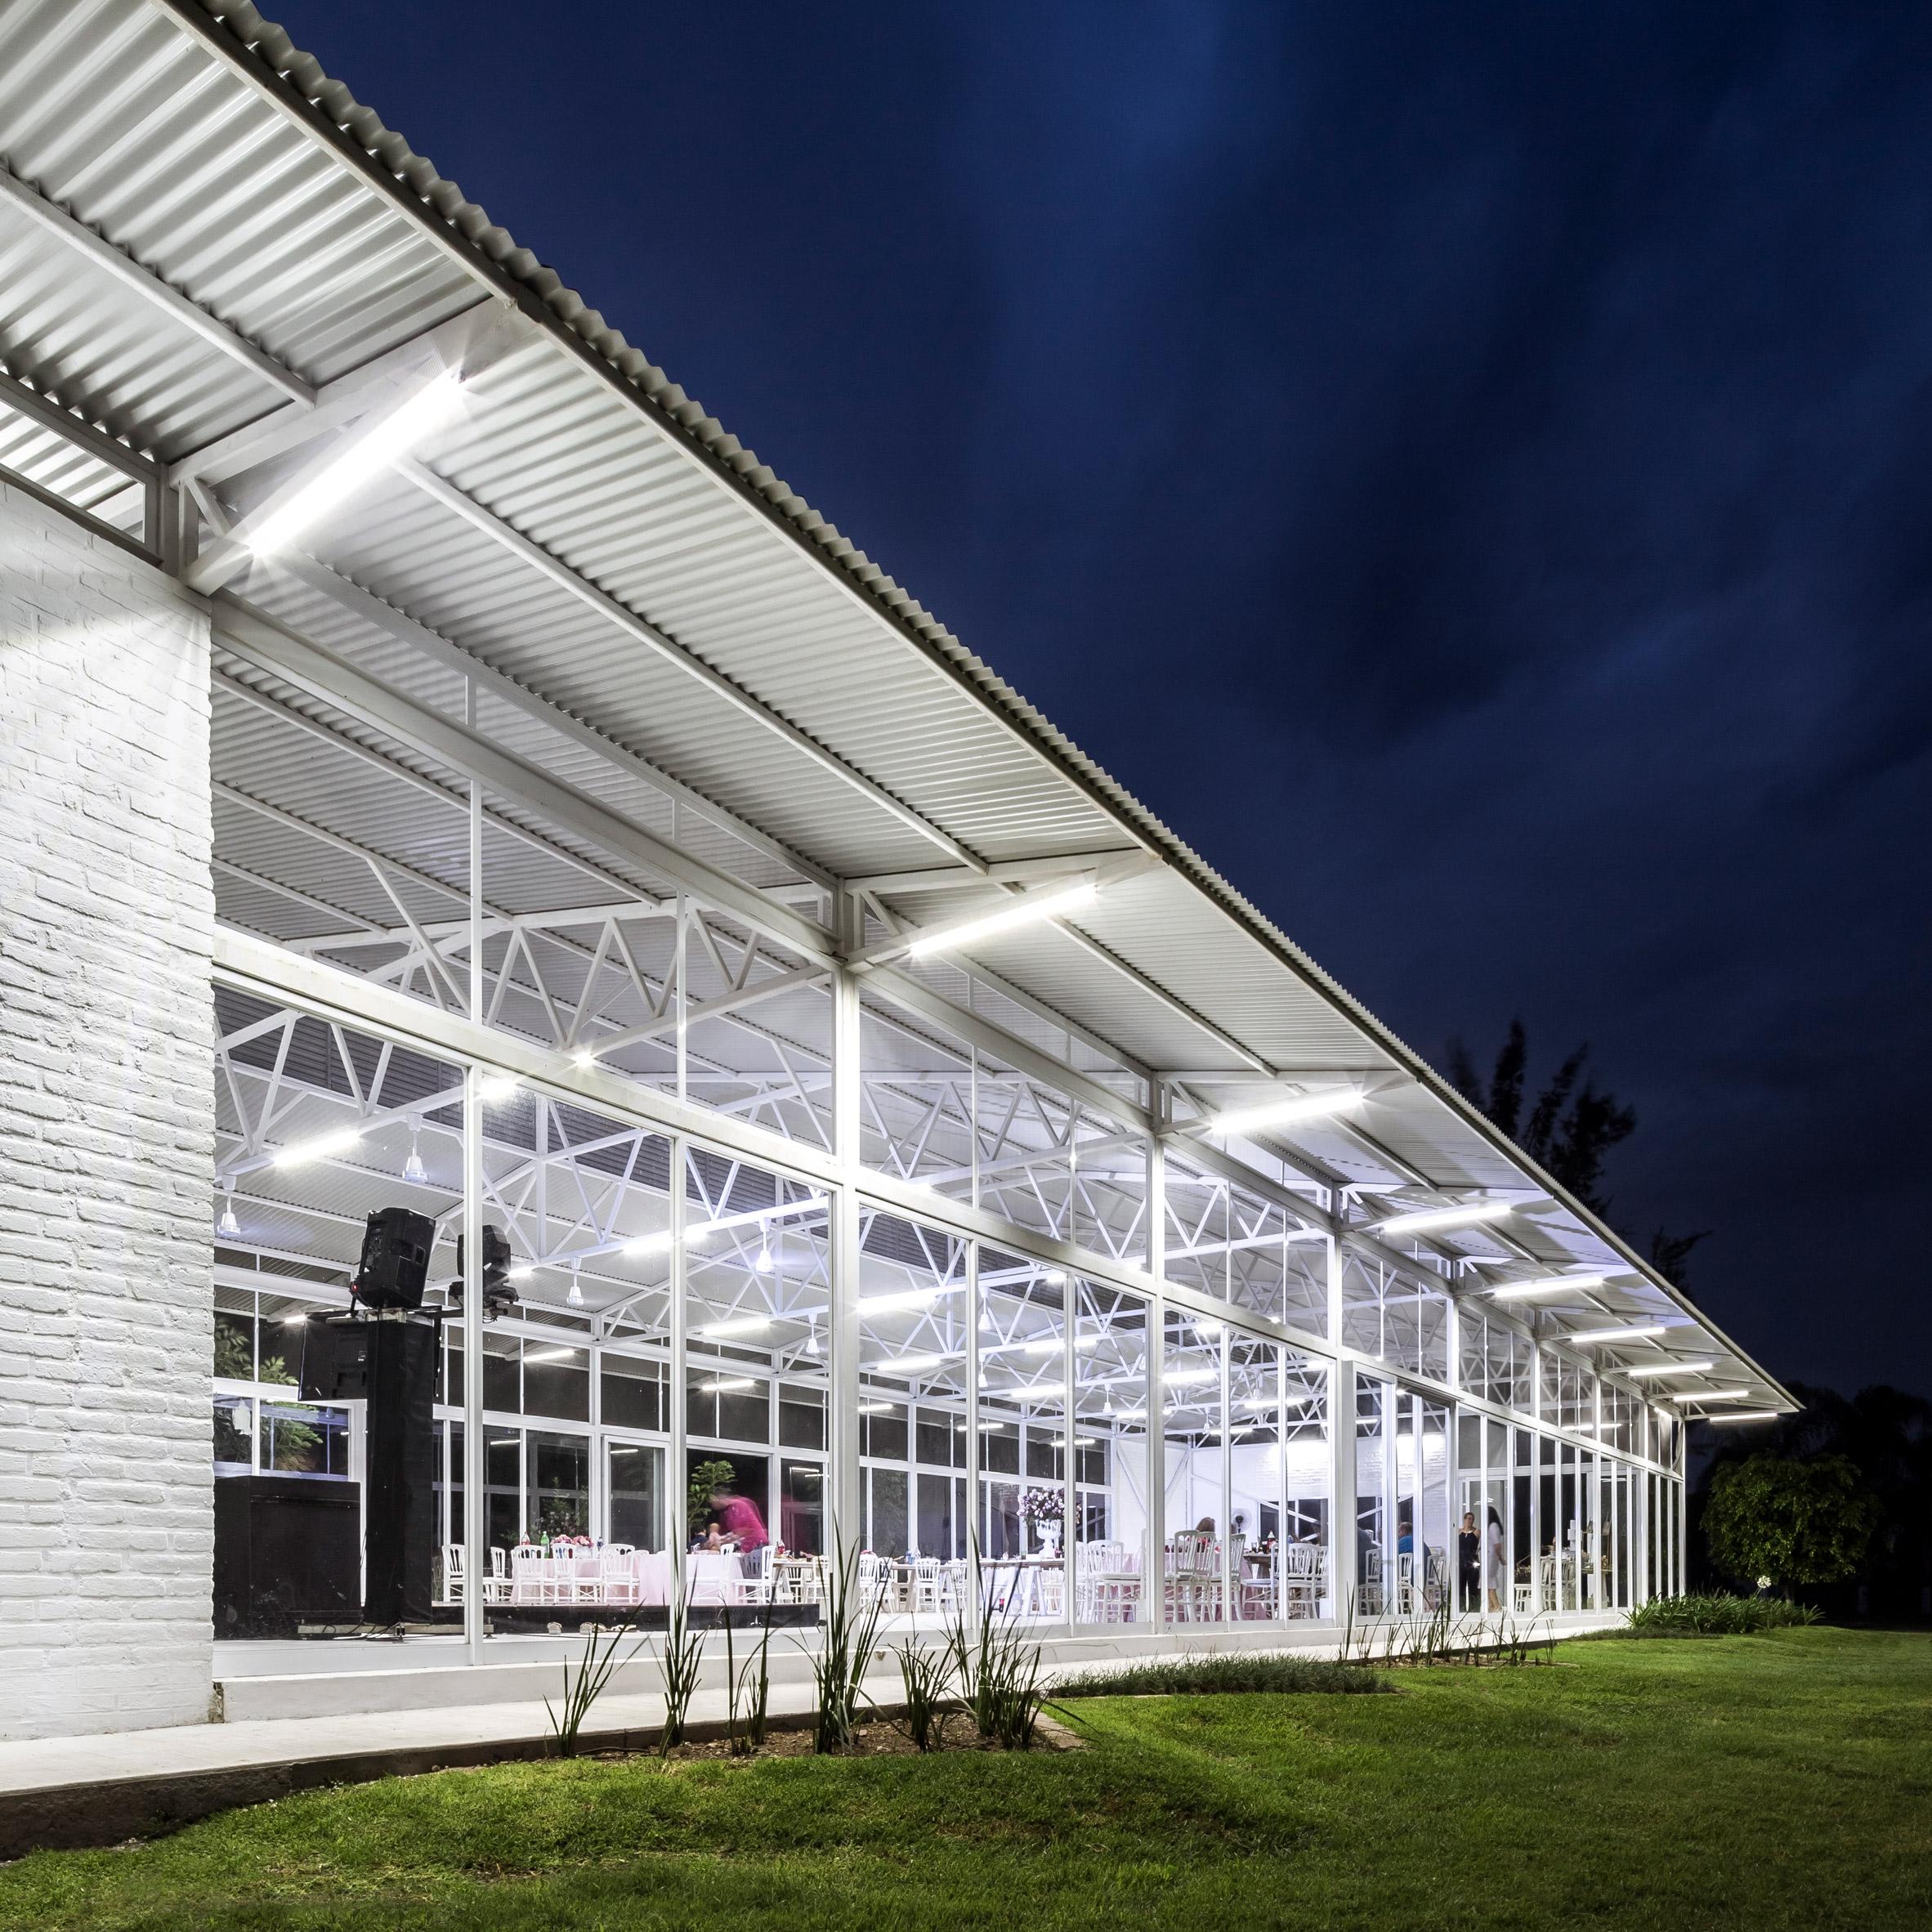 pabellon-avila-abraham-cota-paredes-architecture-pavilion-mexico_dezeen_2364_col_13